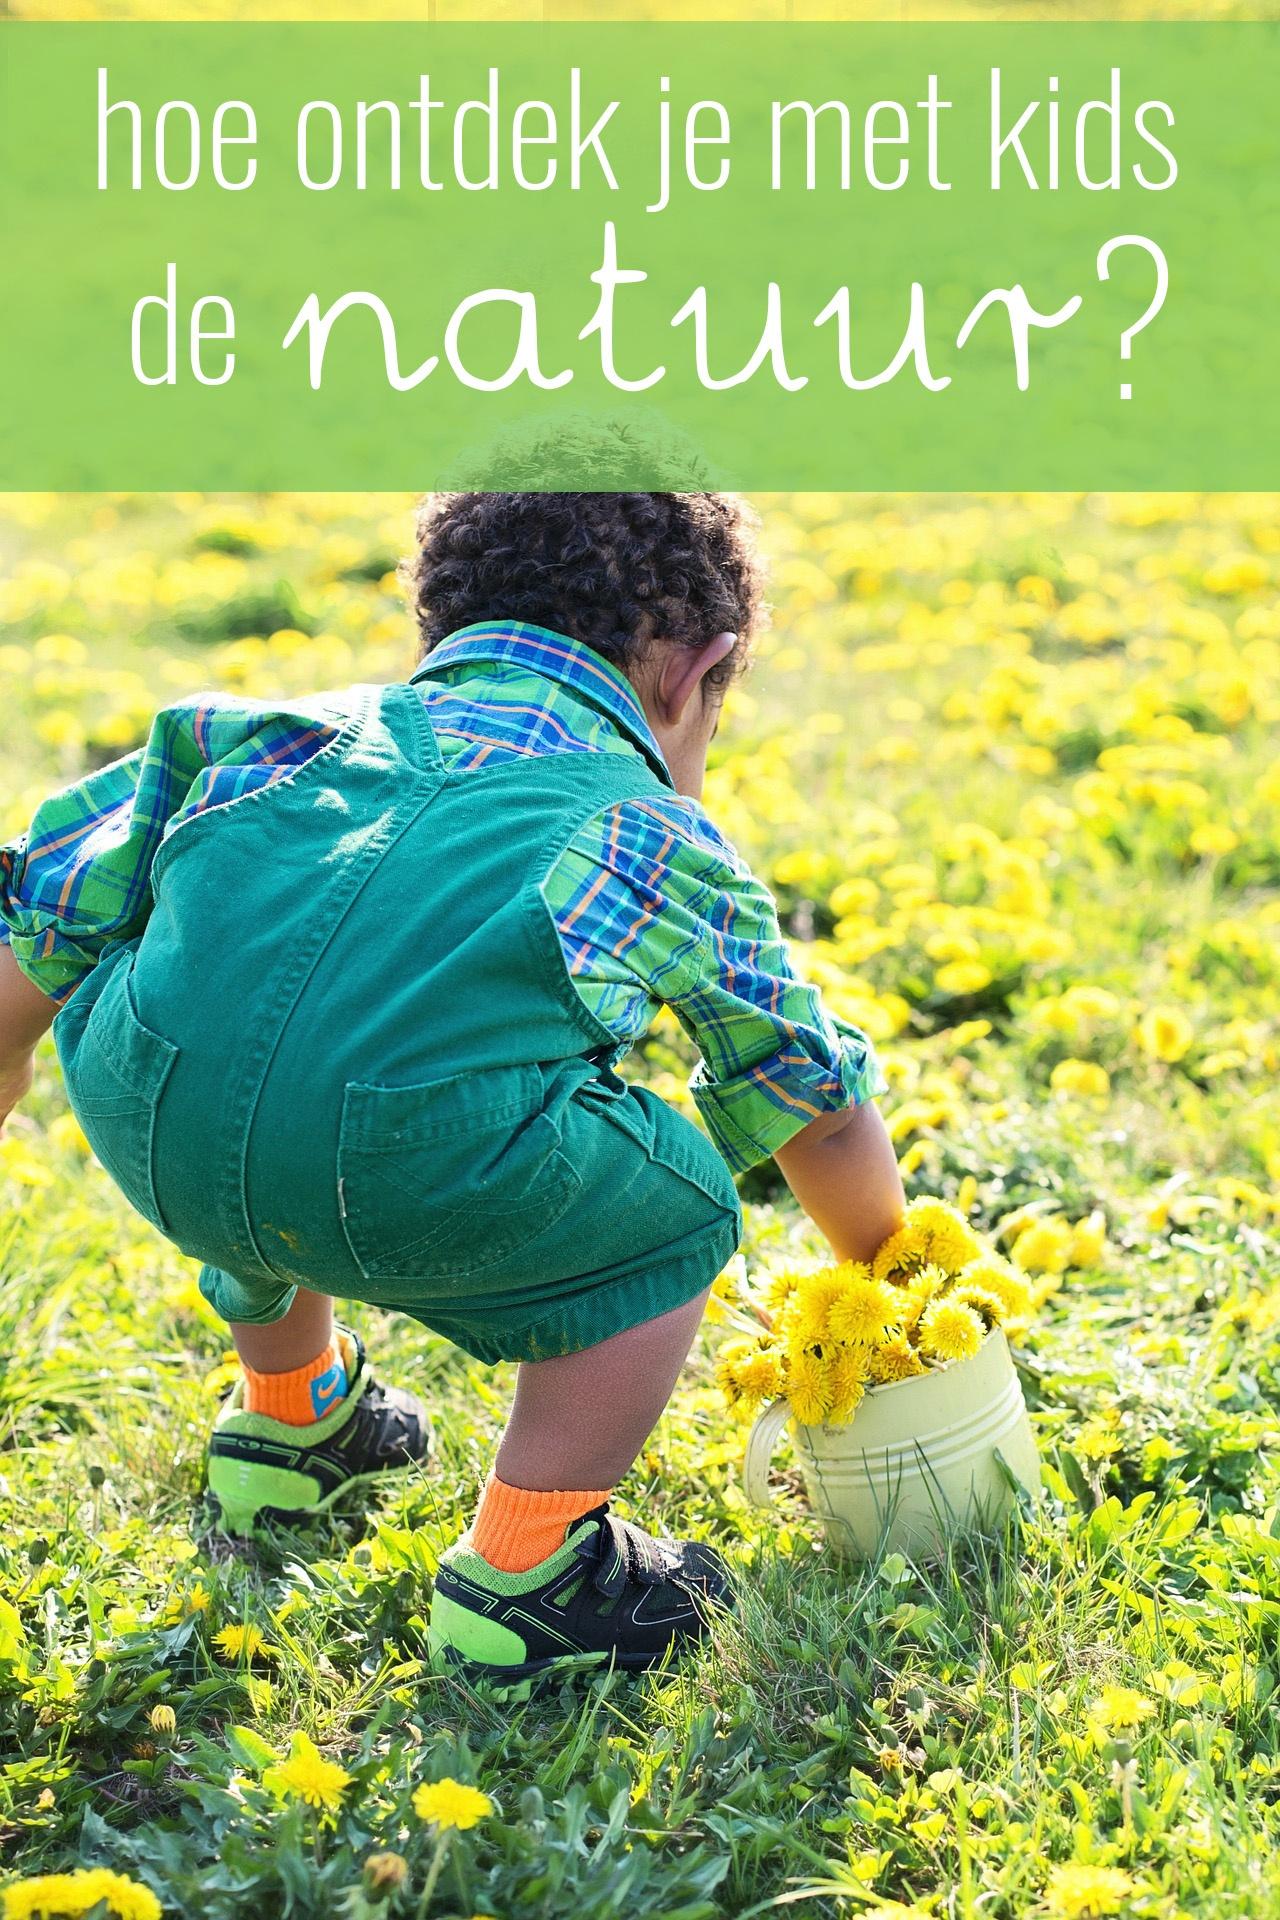 Hoe ontdek je met kinderen de natuur? Door een natuurvriendelijke achtertuin, de buurt samen te verkennen of door schat te zoeken. Lees snel verder!